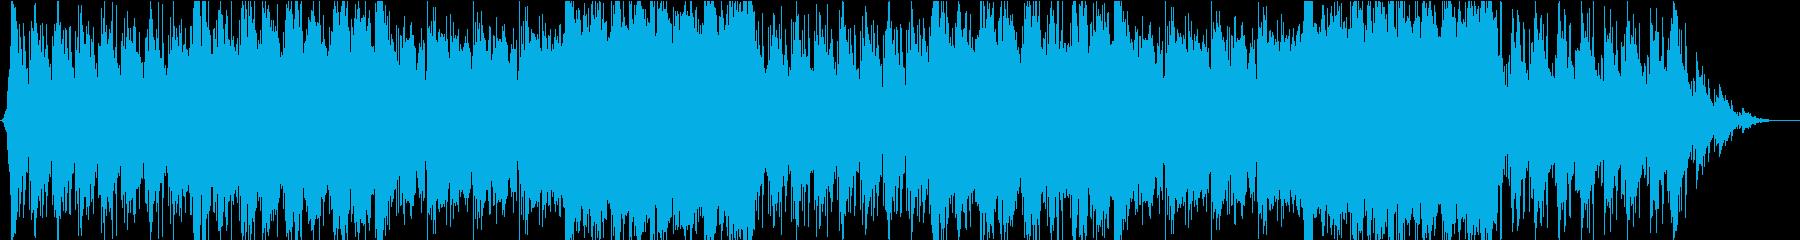 ゲーム・バトル系モノのループ曲2の再生済みの波形